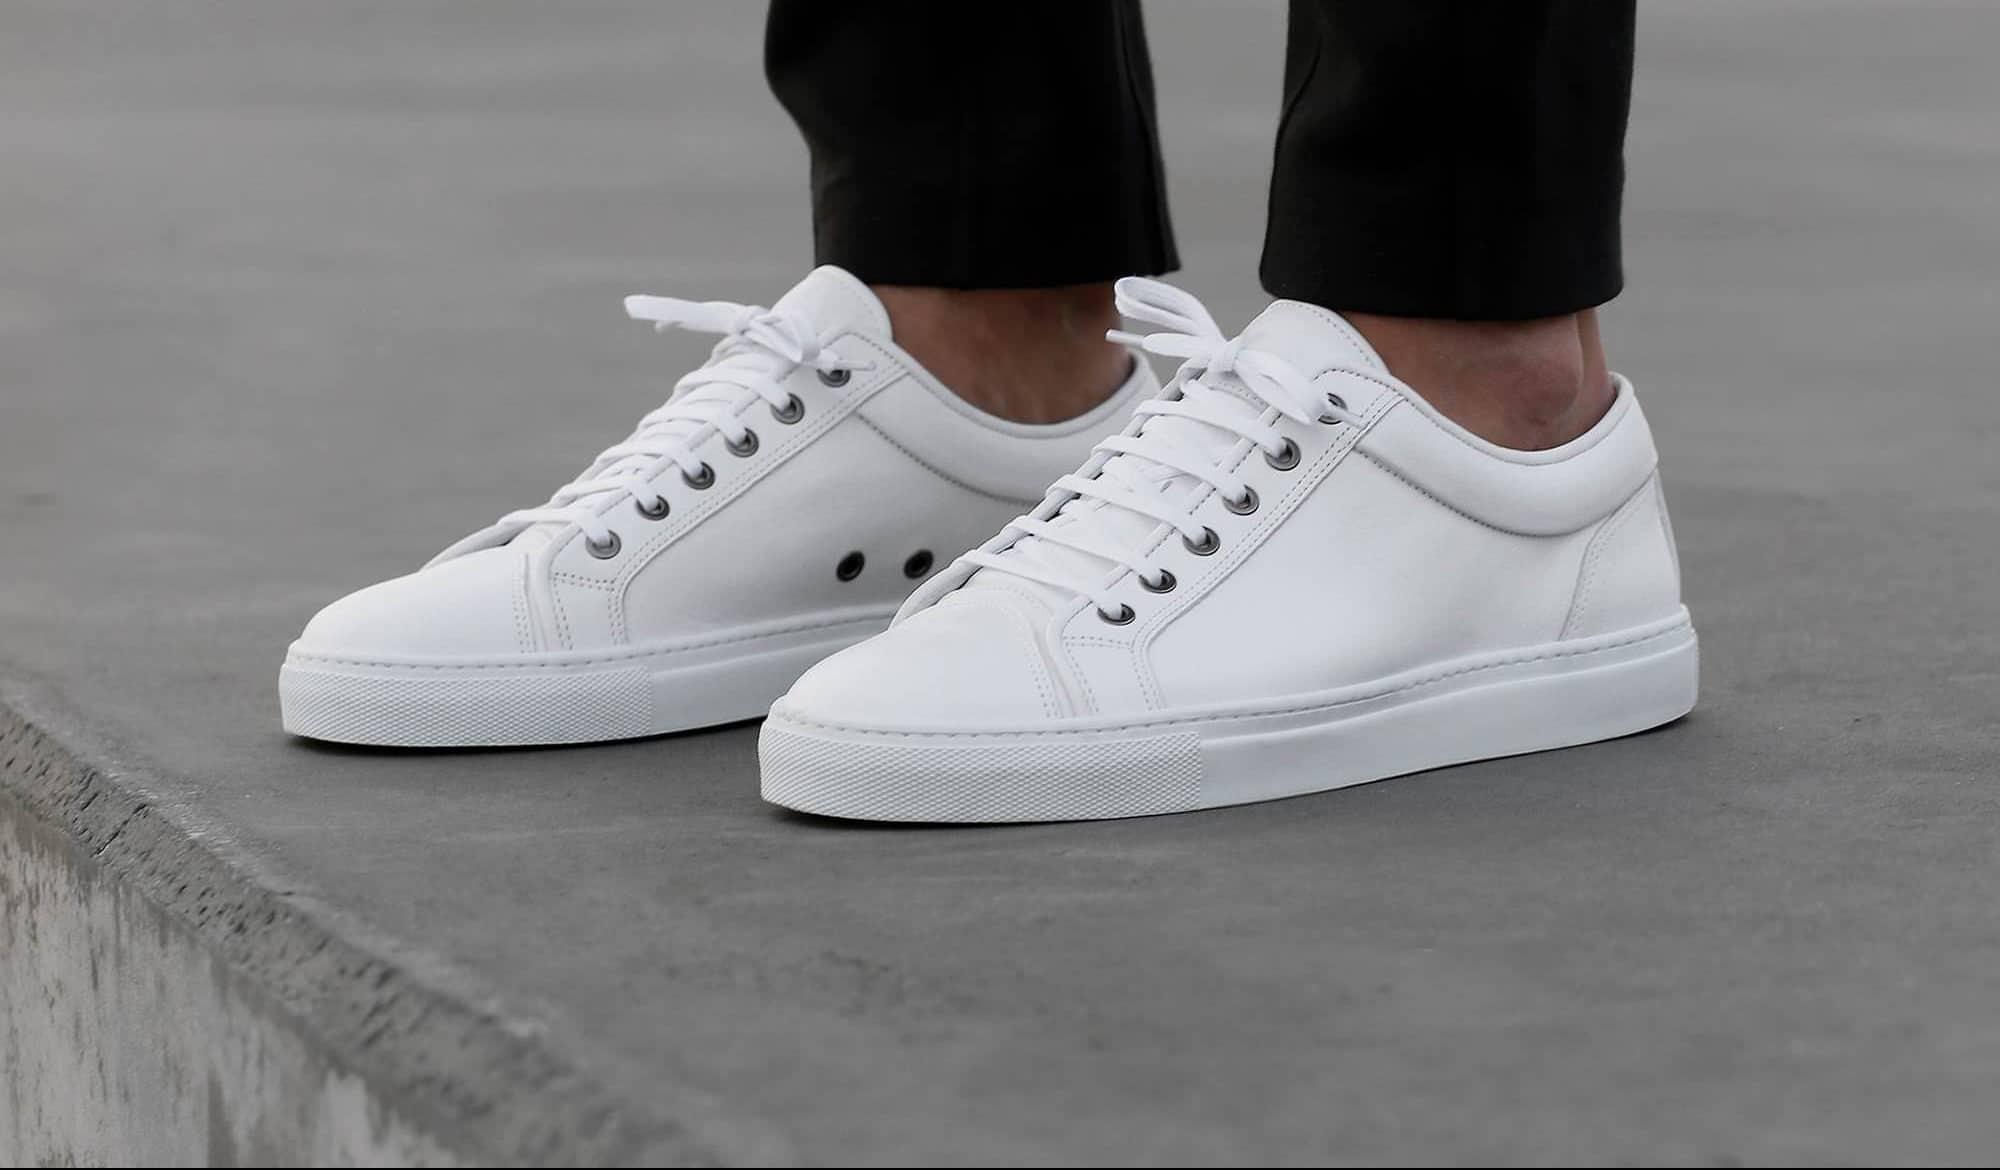 Mode homme : quelles chaussures porter pour séduire ?